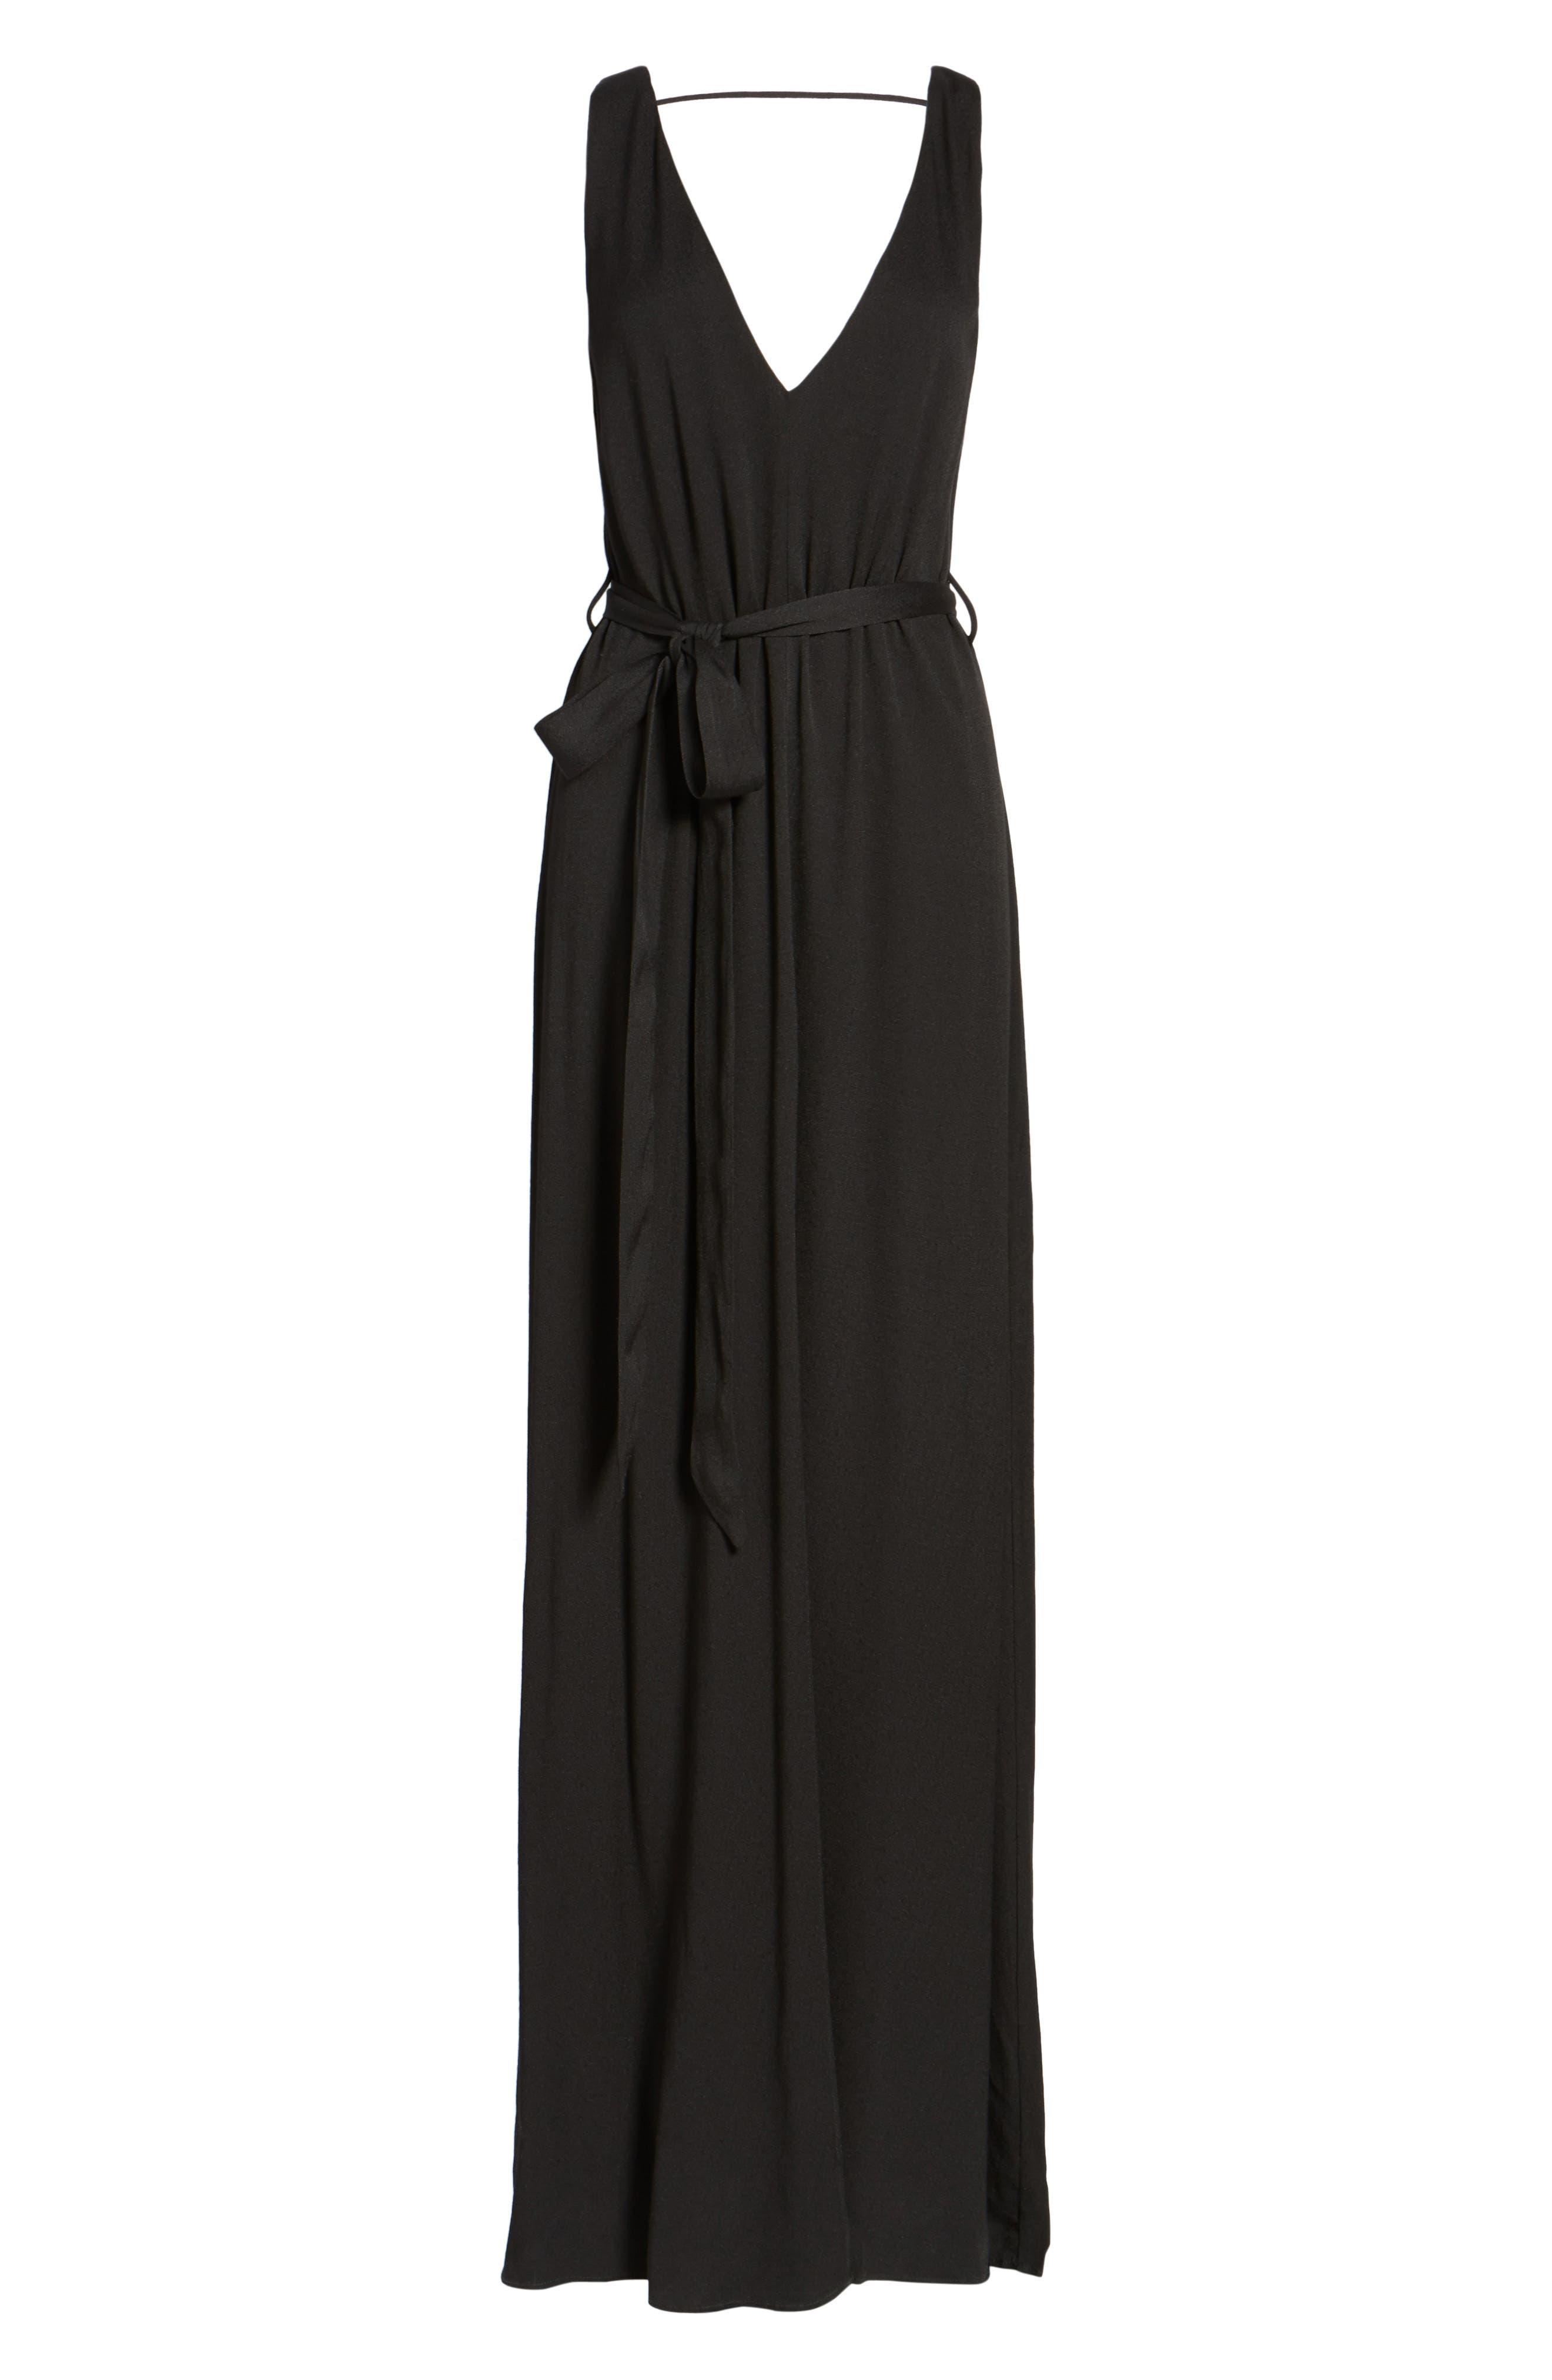 Rowan Maxi Dress,                             Alternate thumbnail 6, color,                             001